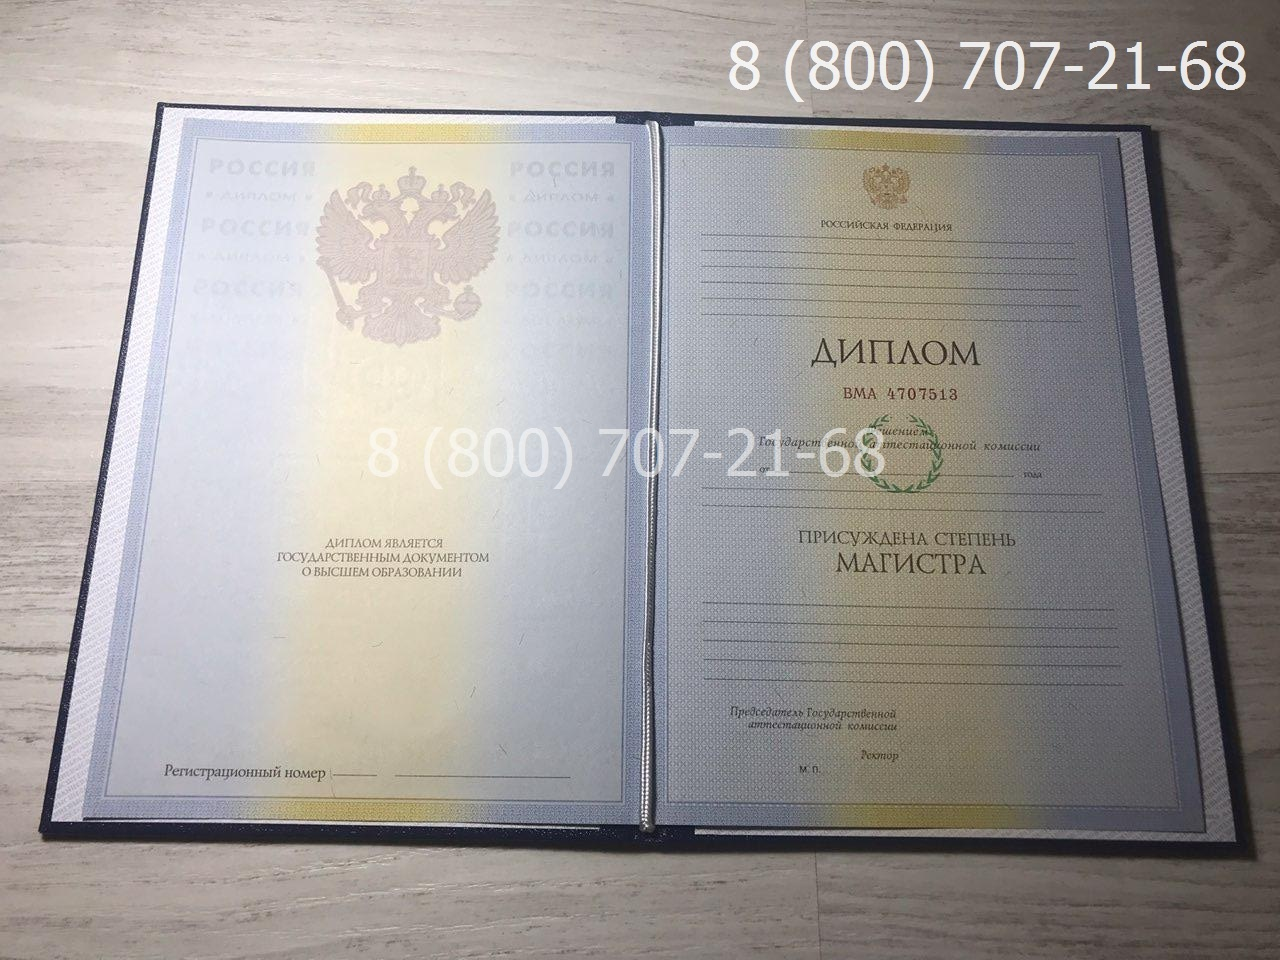 Диплом магистра 2009-2011 года 1